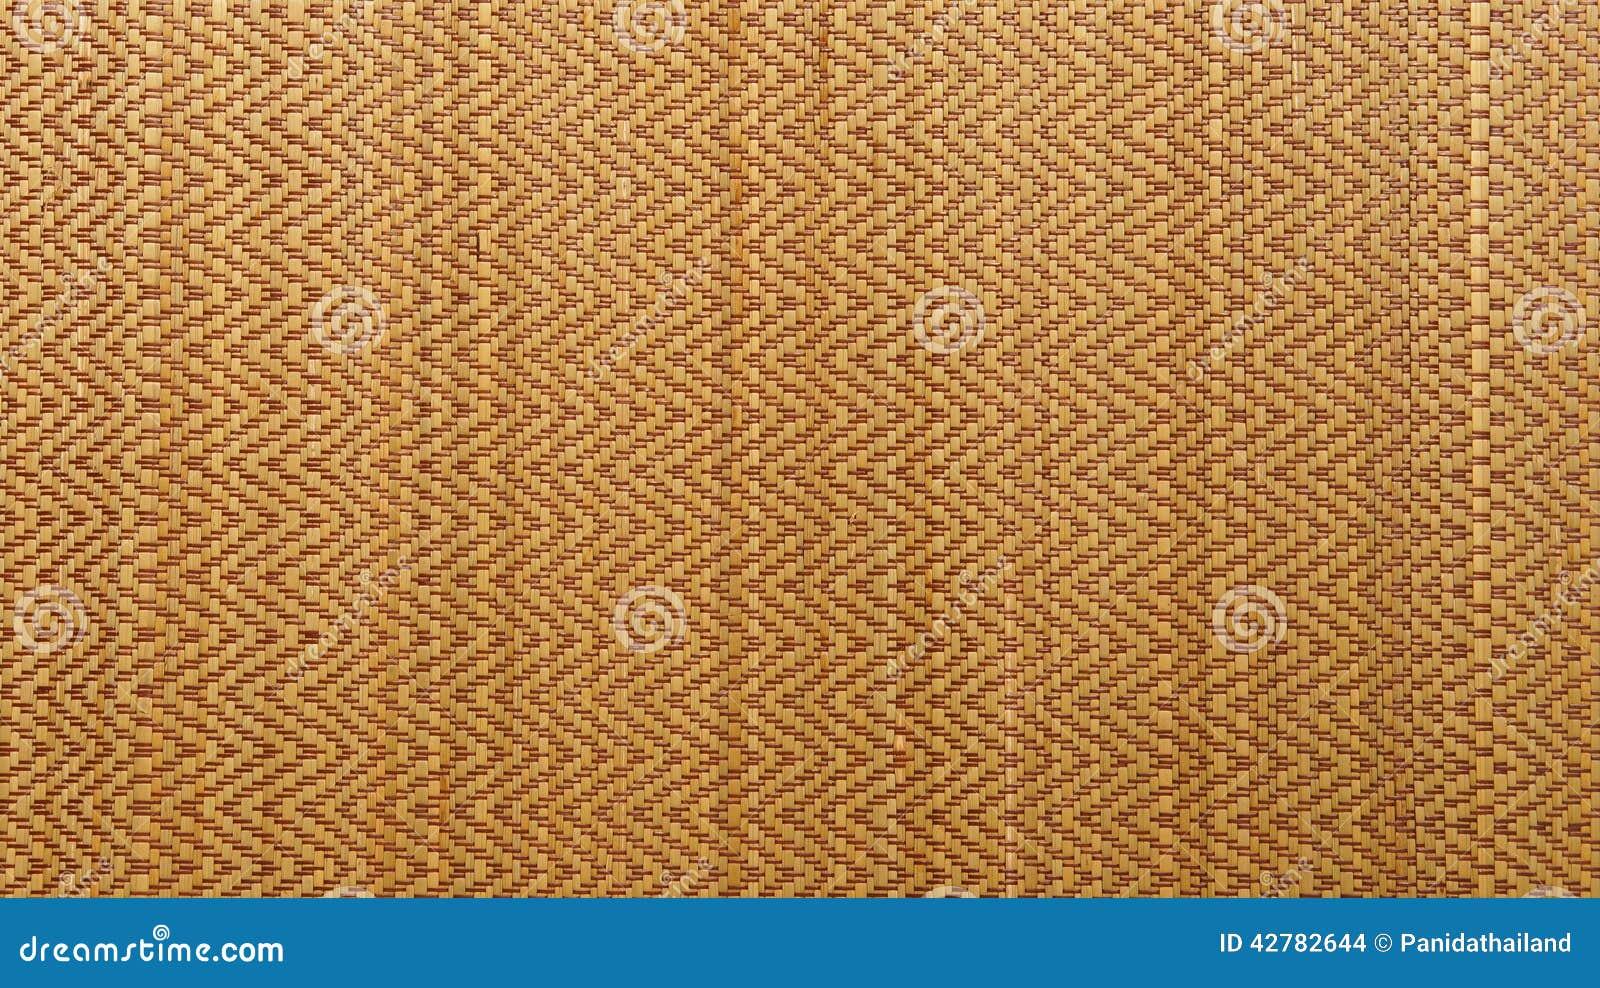 fond tiss asiatique de texture de tapis en bois ou de rotin photo stock image 42782644. Black Bedroom Furniture Sets. Home Design Ideas